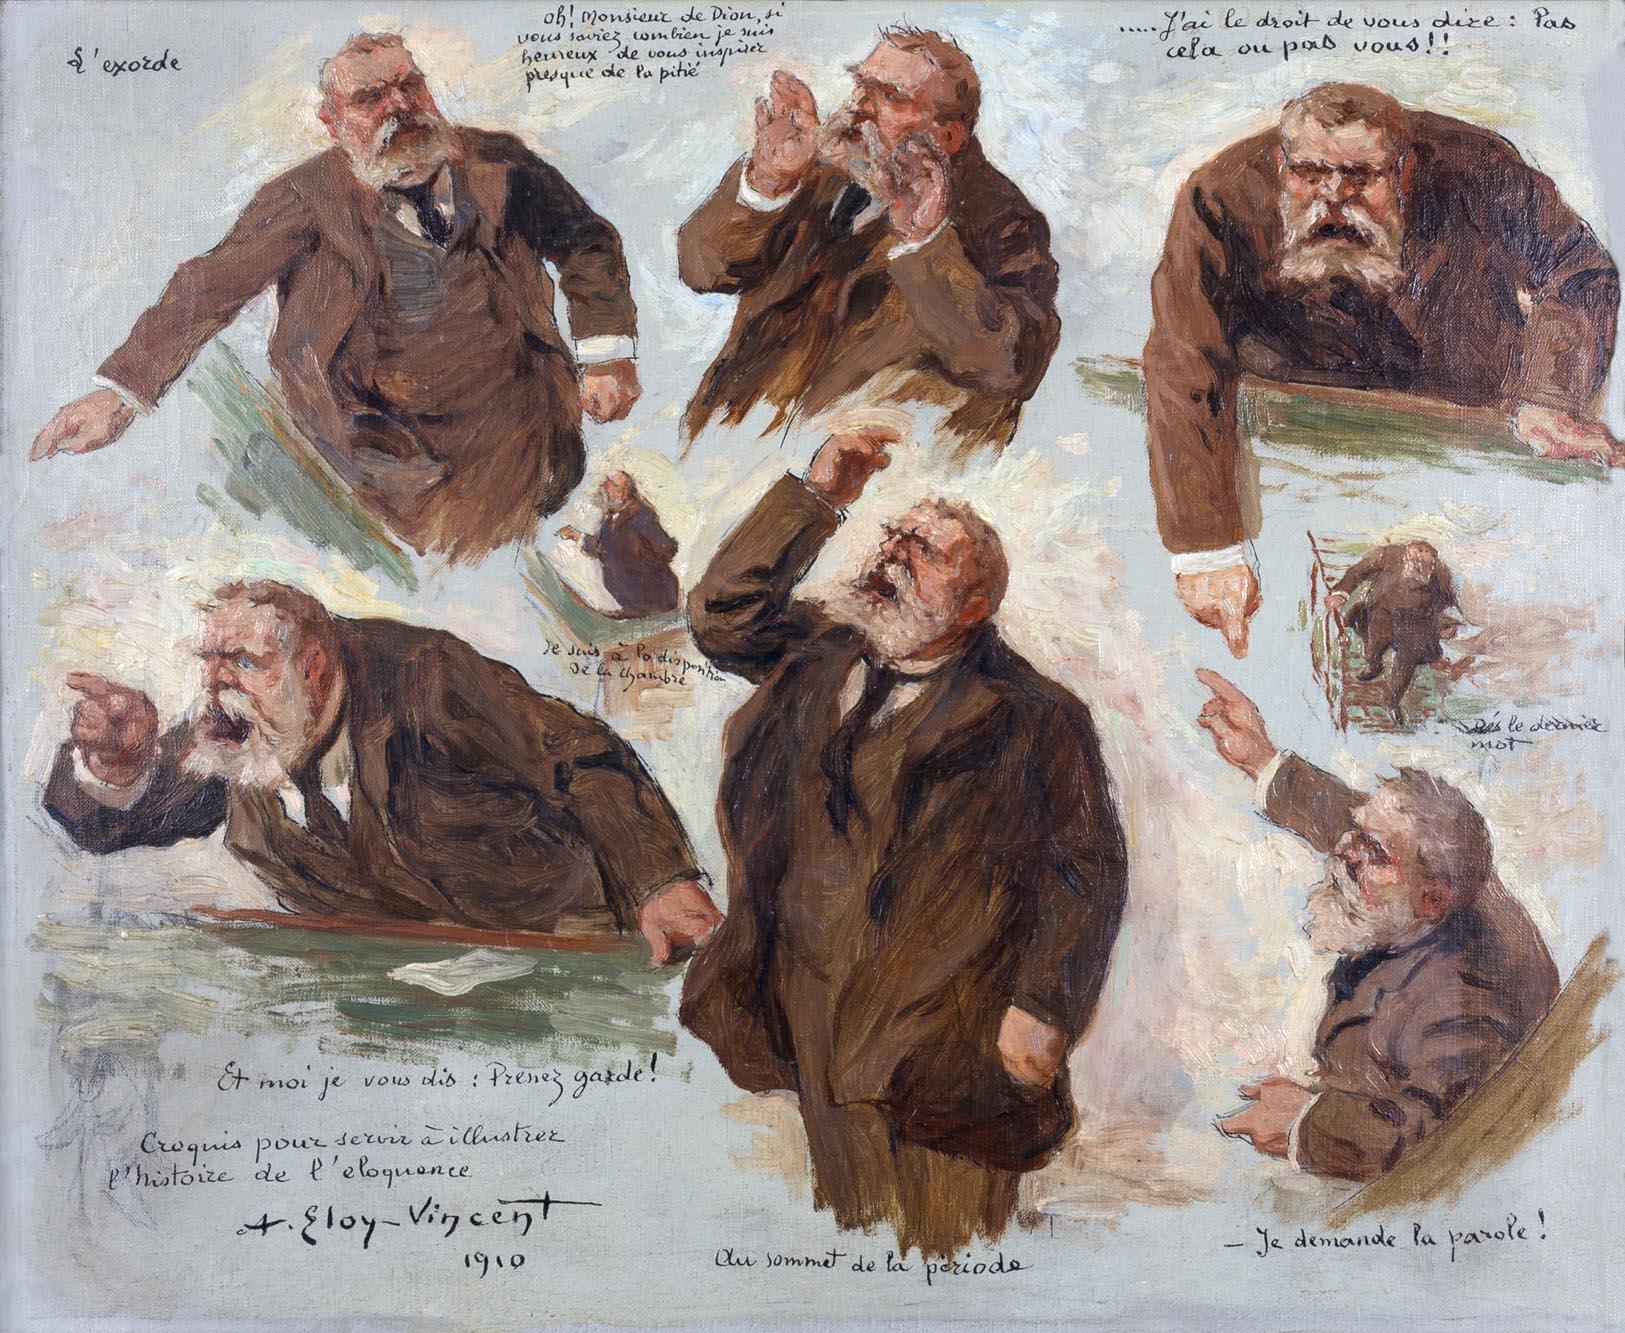 Albert Eloy-Vincent - Croquis pour servir à l'histoire de l'éloquence